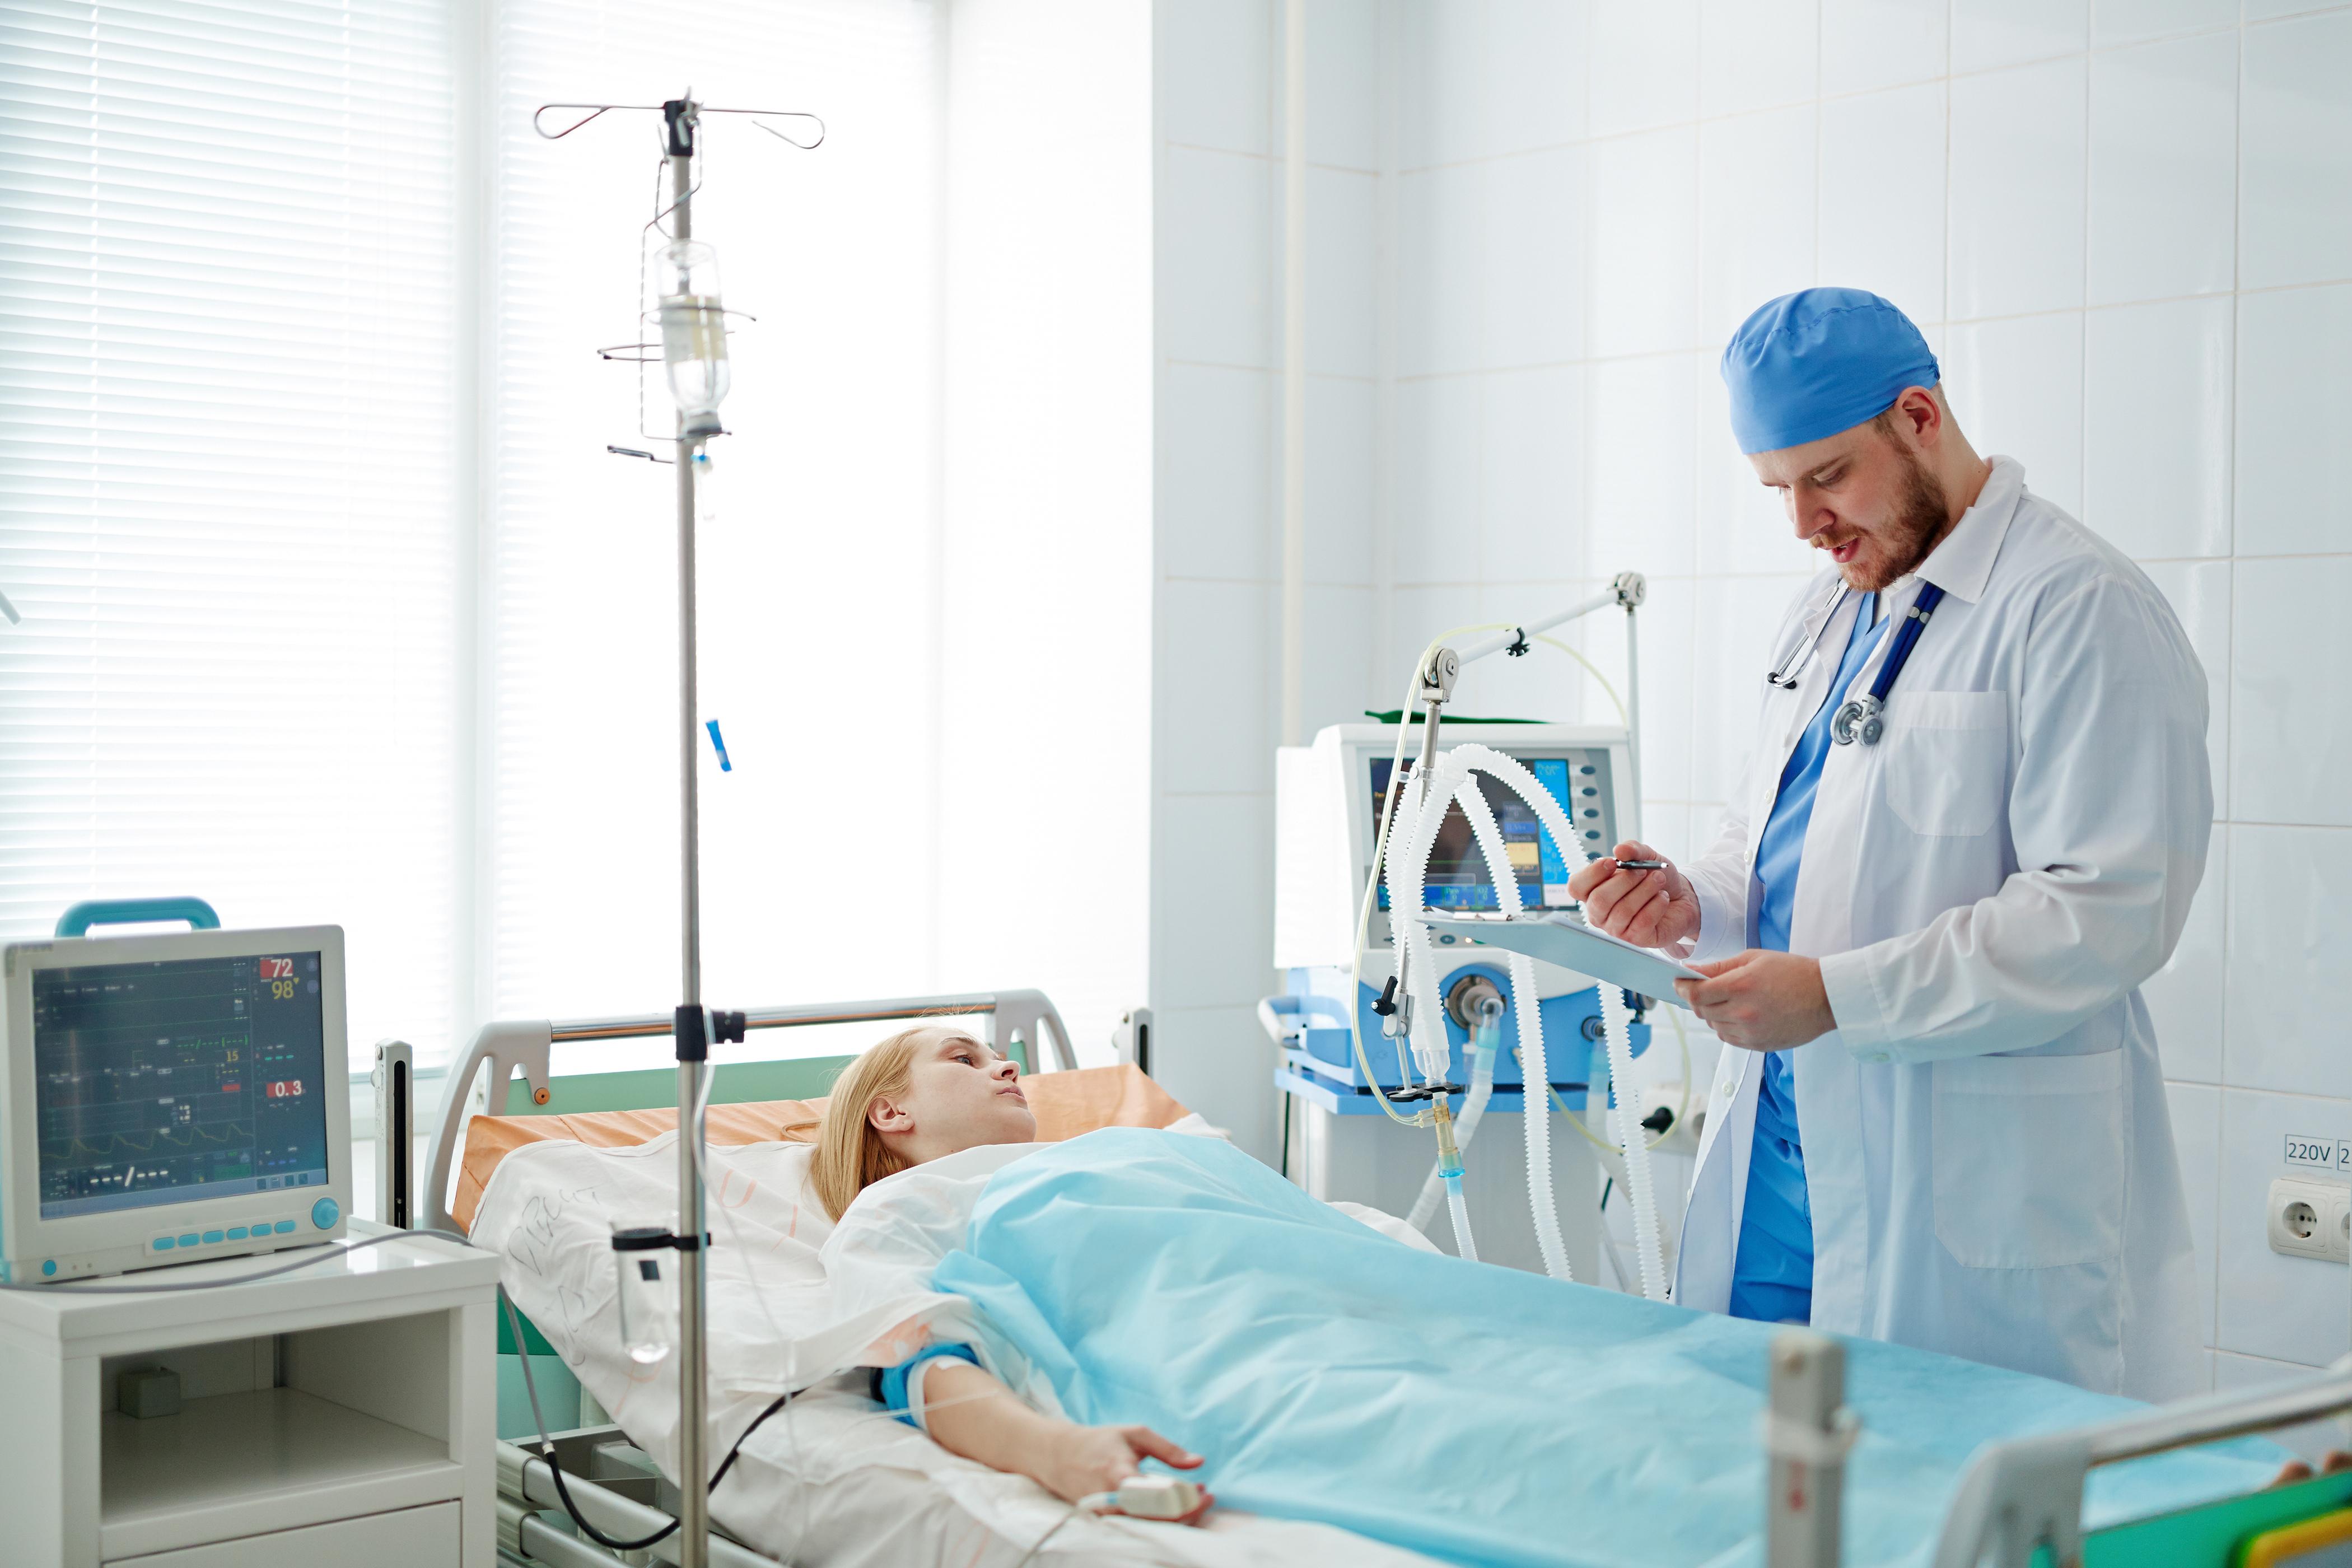 I dagboken är tanken att personalen ska skriva små anteckningar om vad patienten är med om.